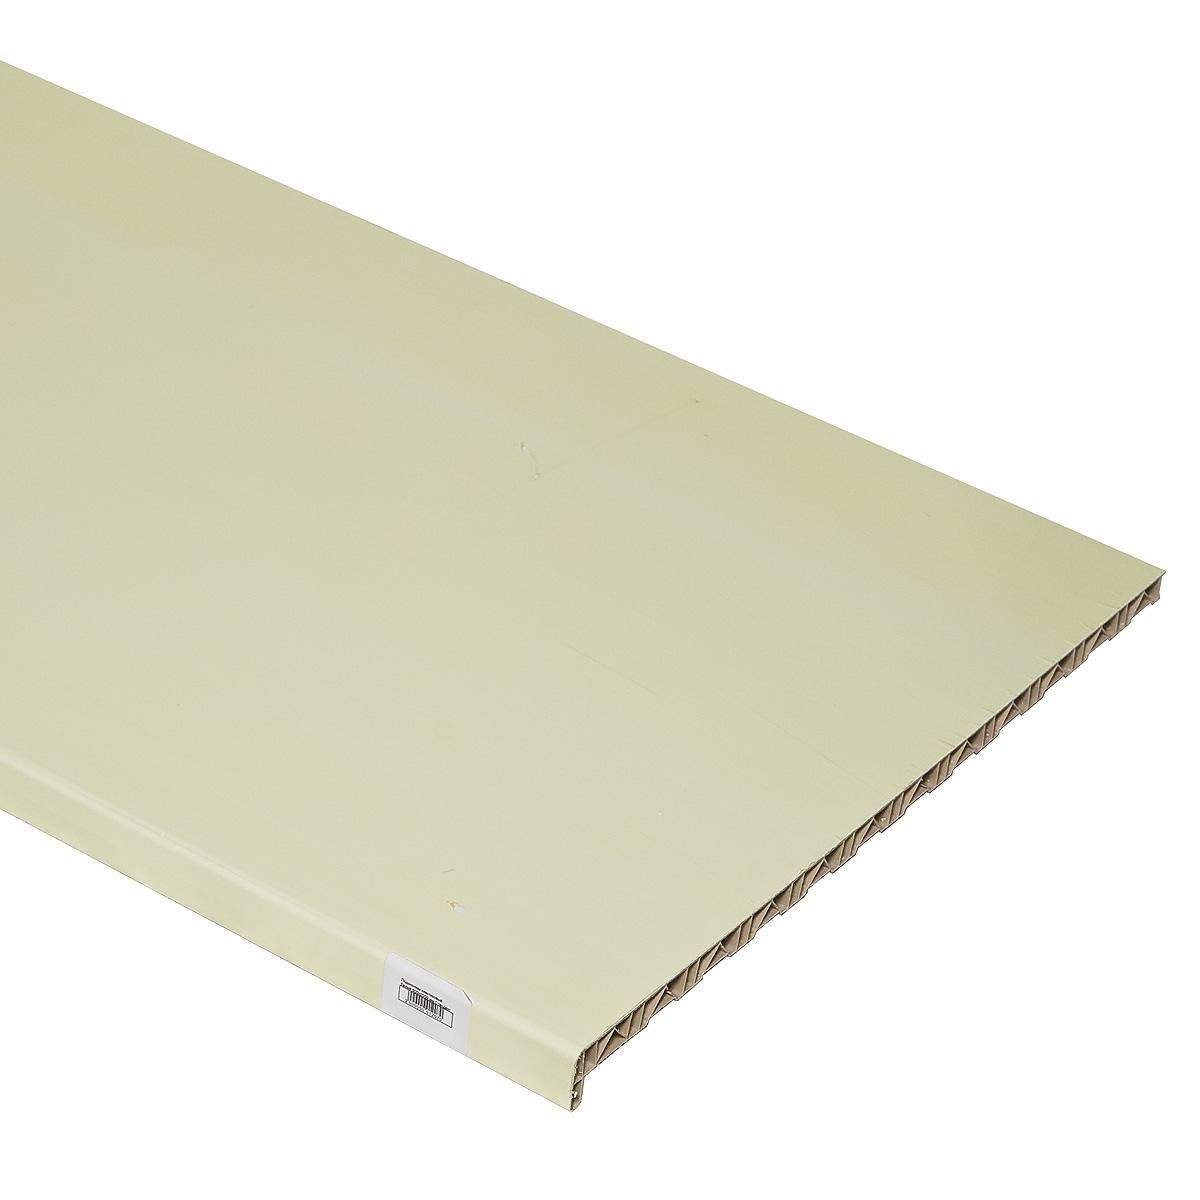 Подоконник пластиковый белый 600х3000 мм Стандарт